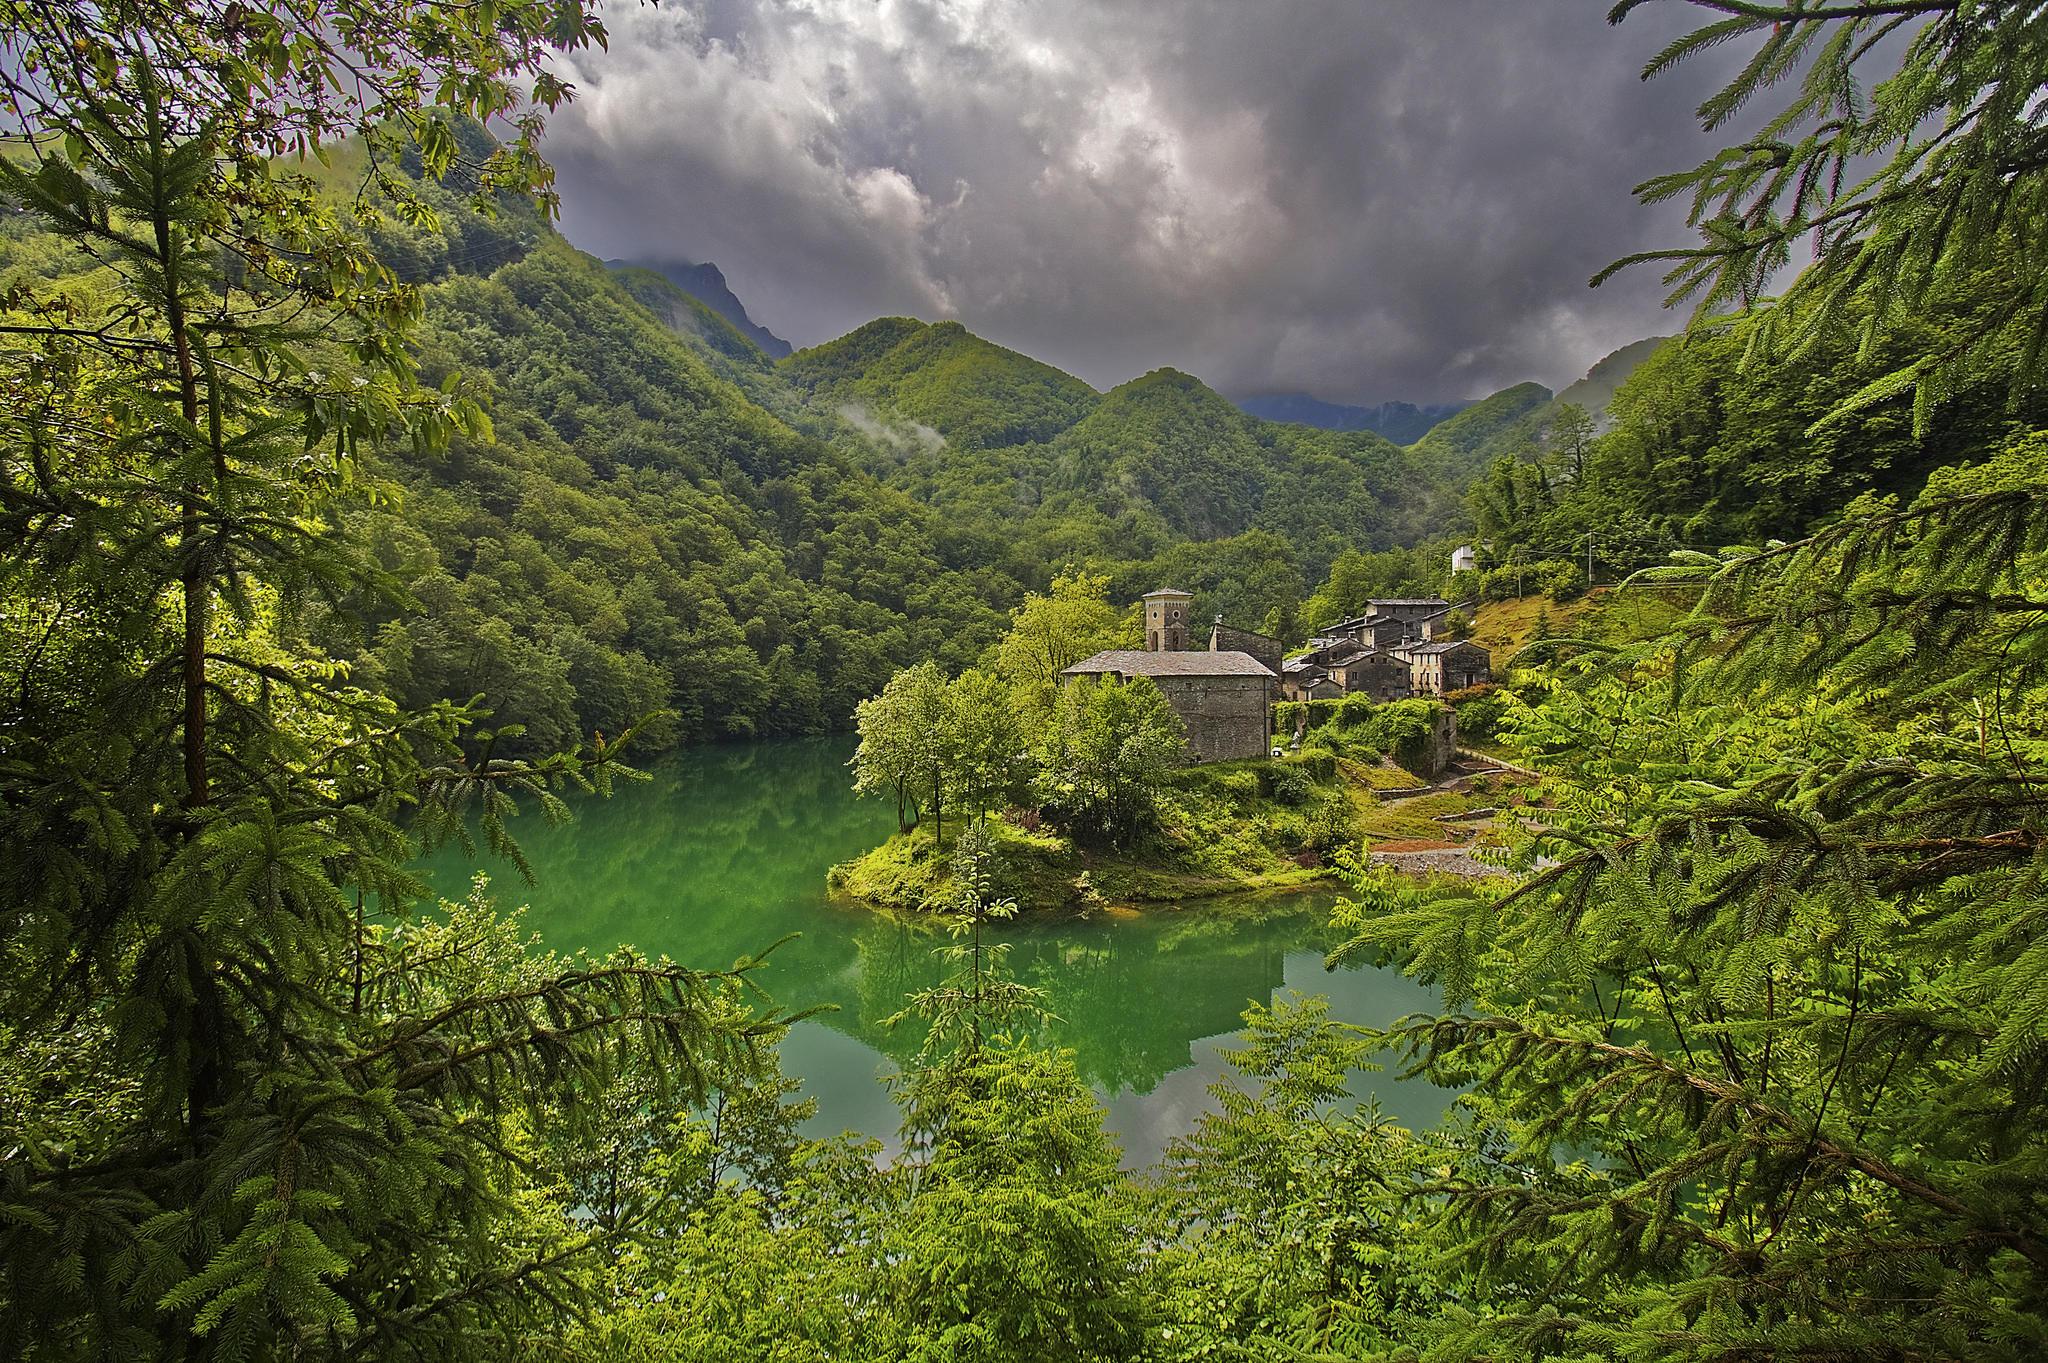 обои Lago Isola Santa, Tuscany, Italy, Озеро картинки фото